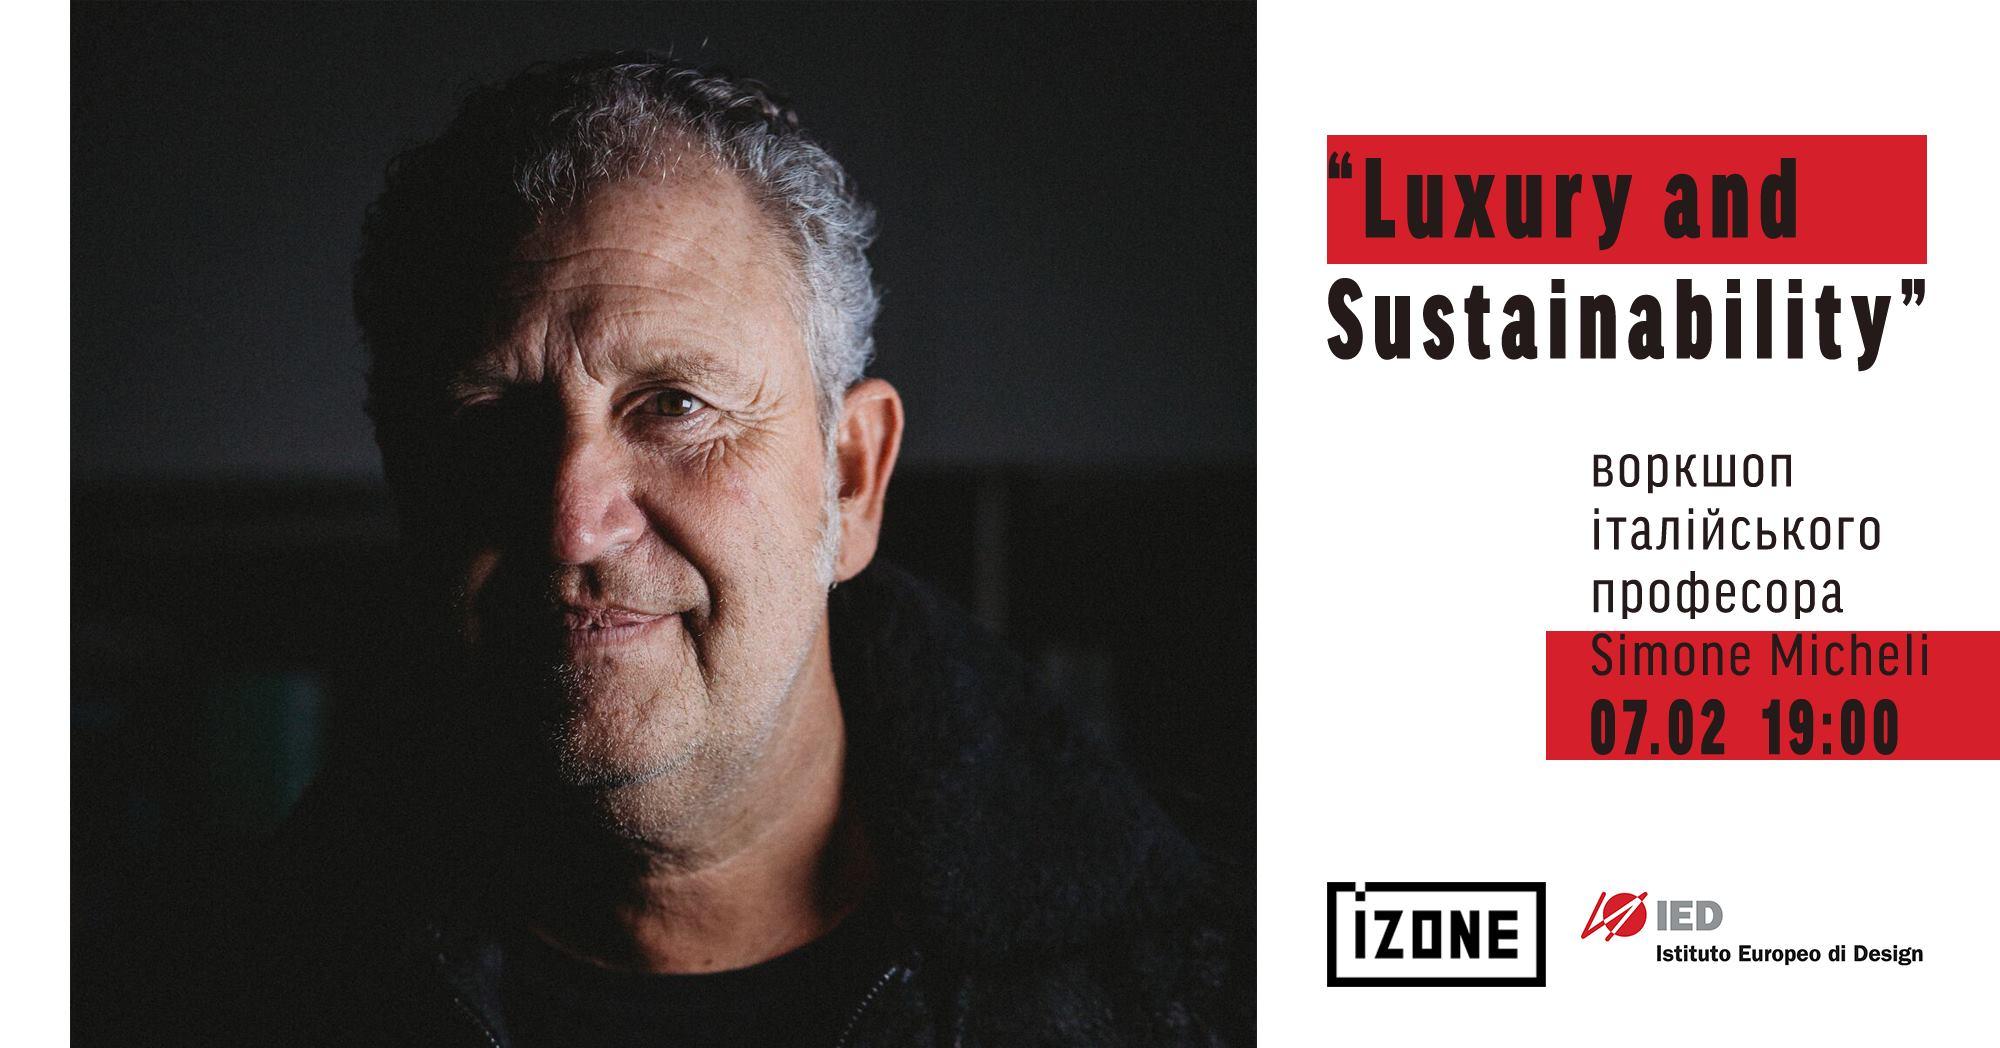 Luxury and Sustainability. Воркшоп Simone Micheli